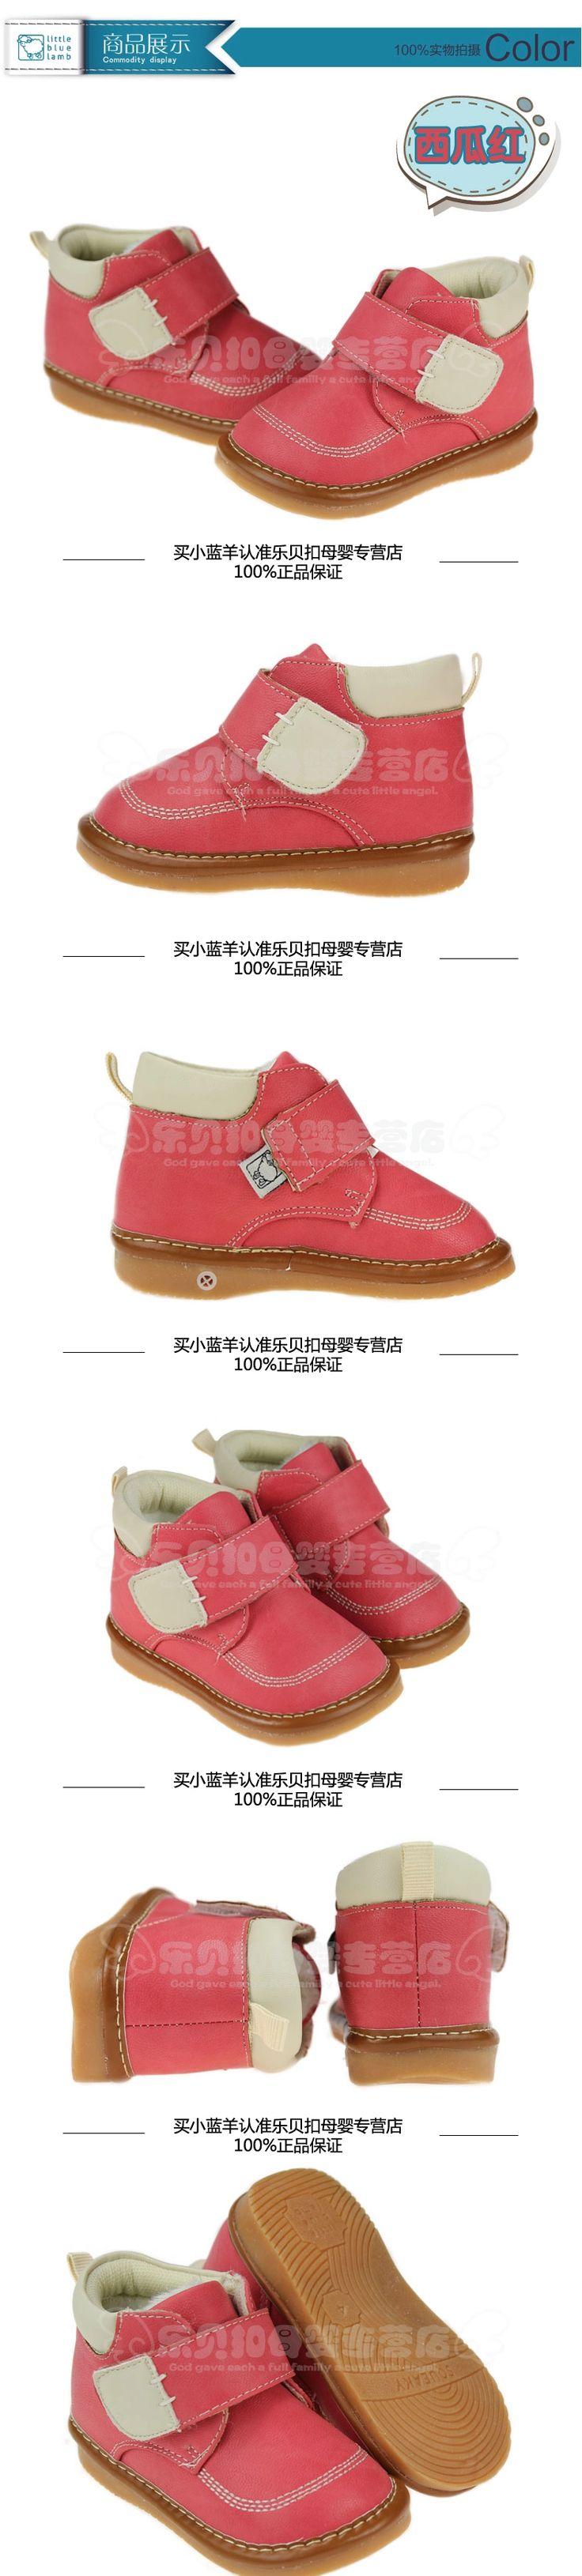 2015 Зимние модели малого голубой баран отправка новых детей обувь малыша плюс бархат мягкой обуви сухожилия в конце Jiaojiao Taobao обувь 5809-